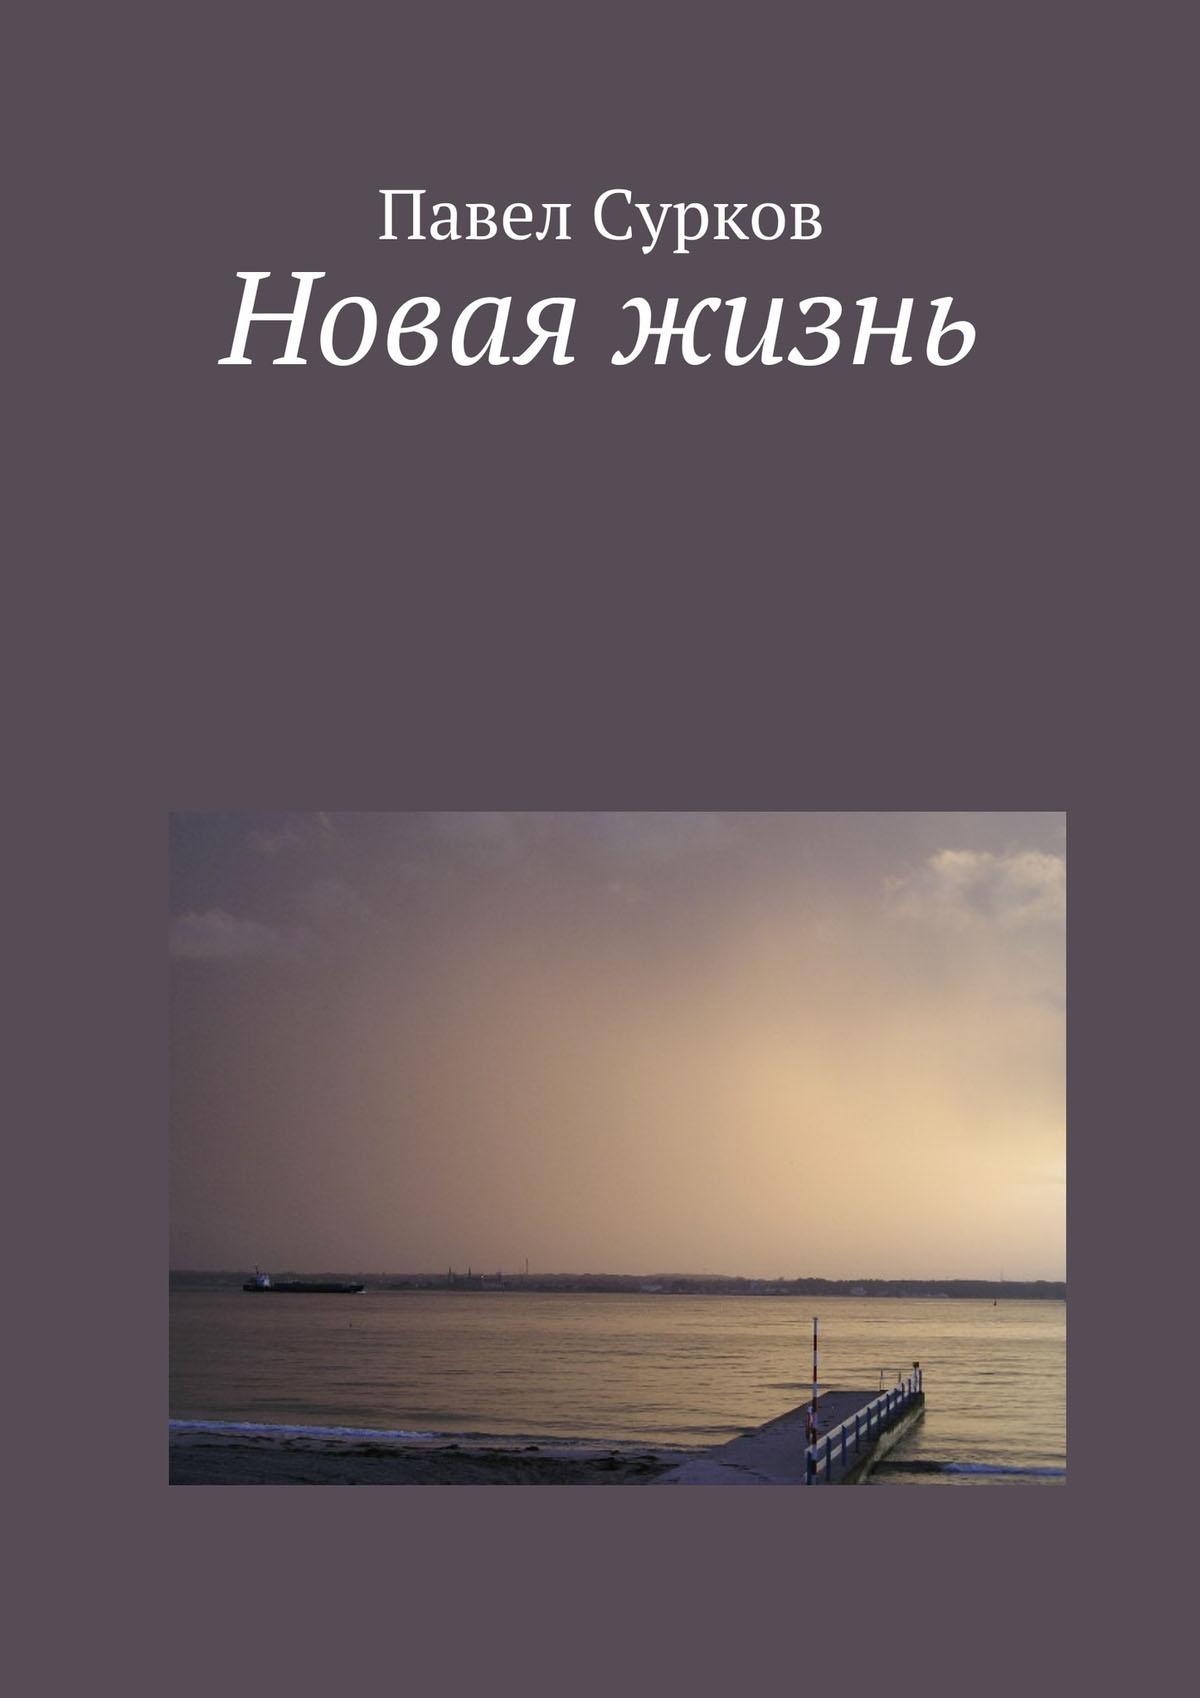 Павел Сурков Новая жизнь